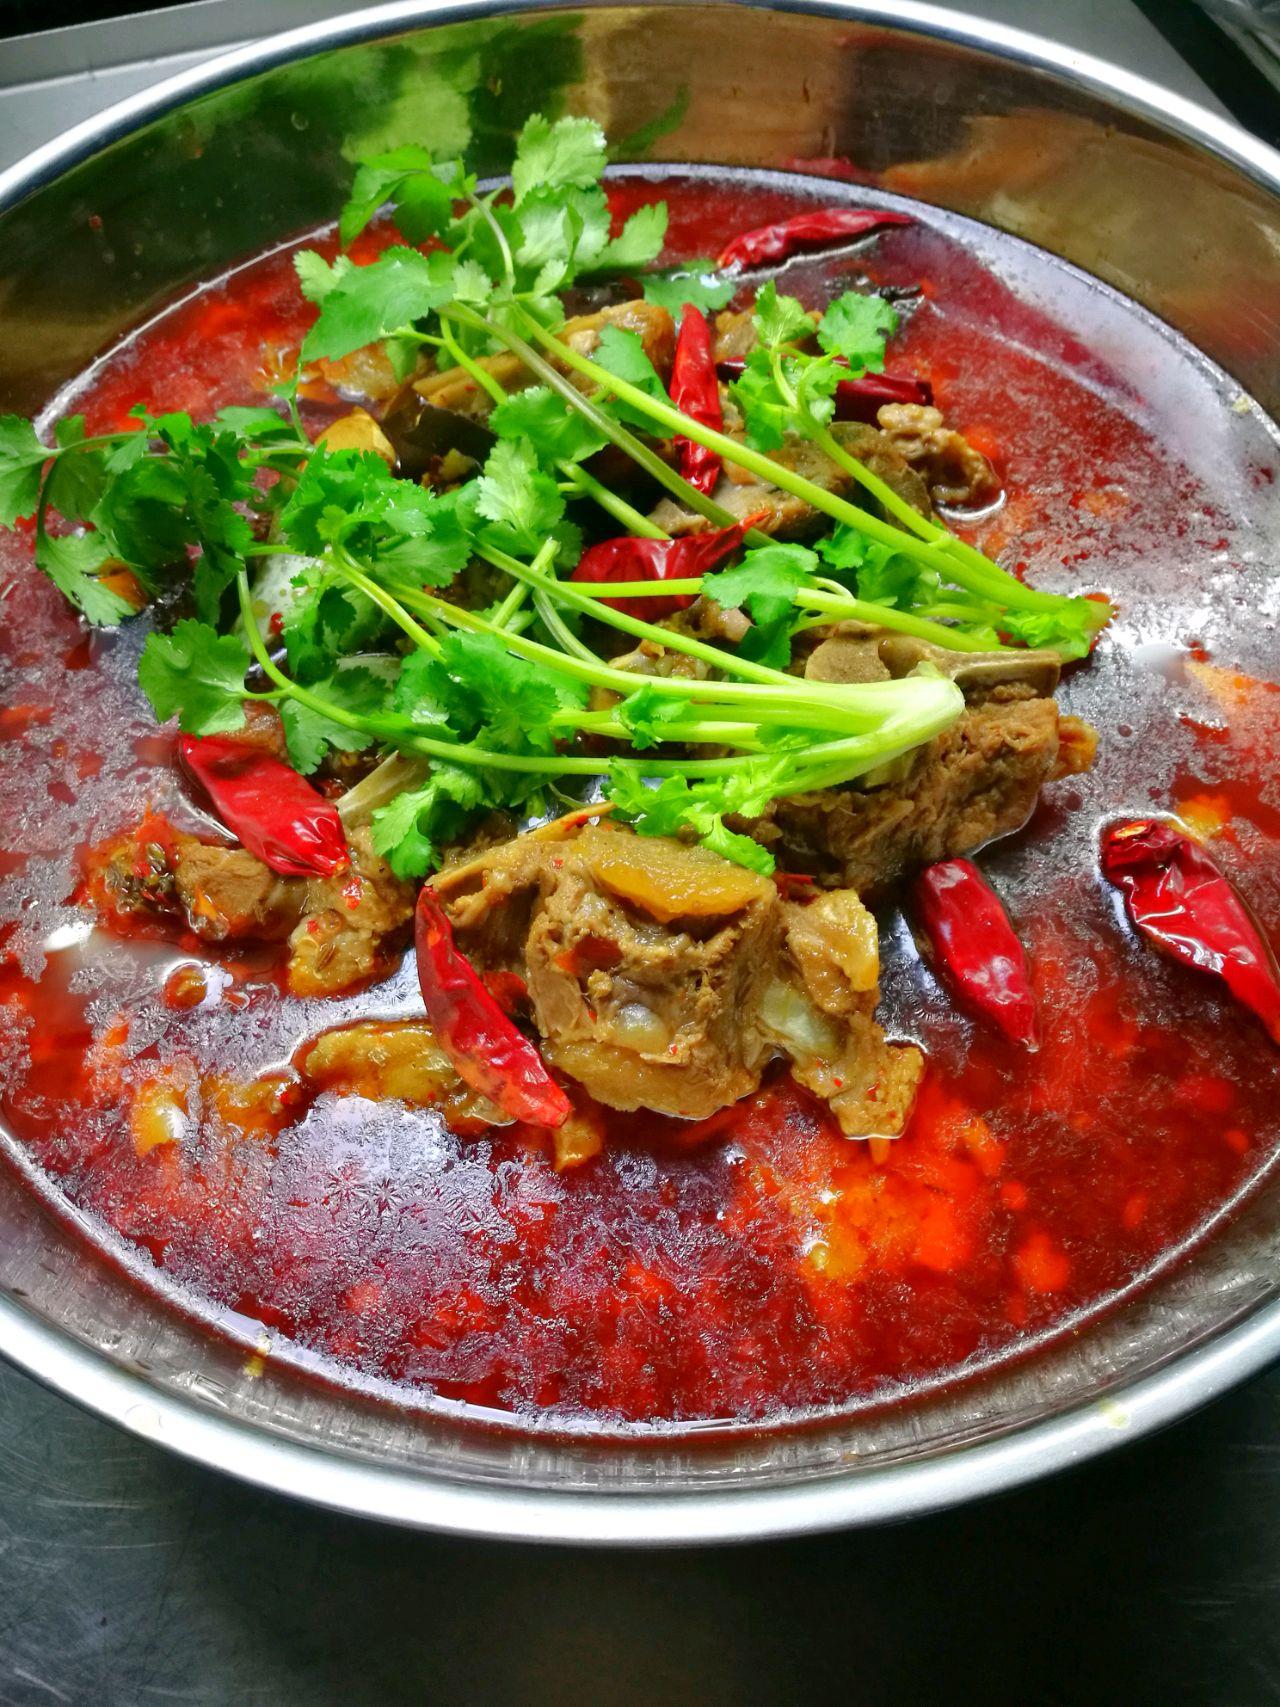 羊魔芋红汤蝎子孕期可以吃火锅吗图片